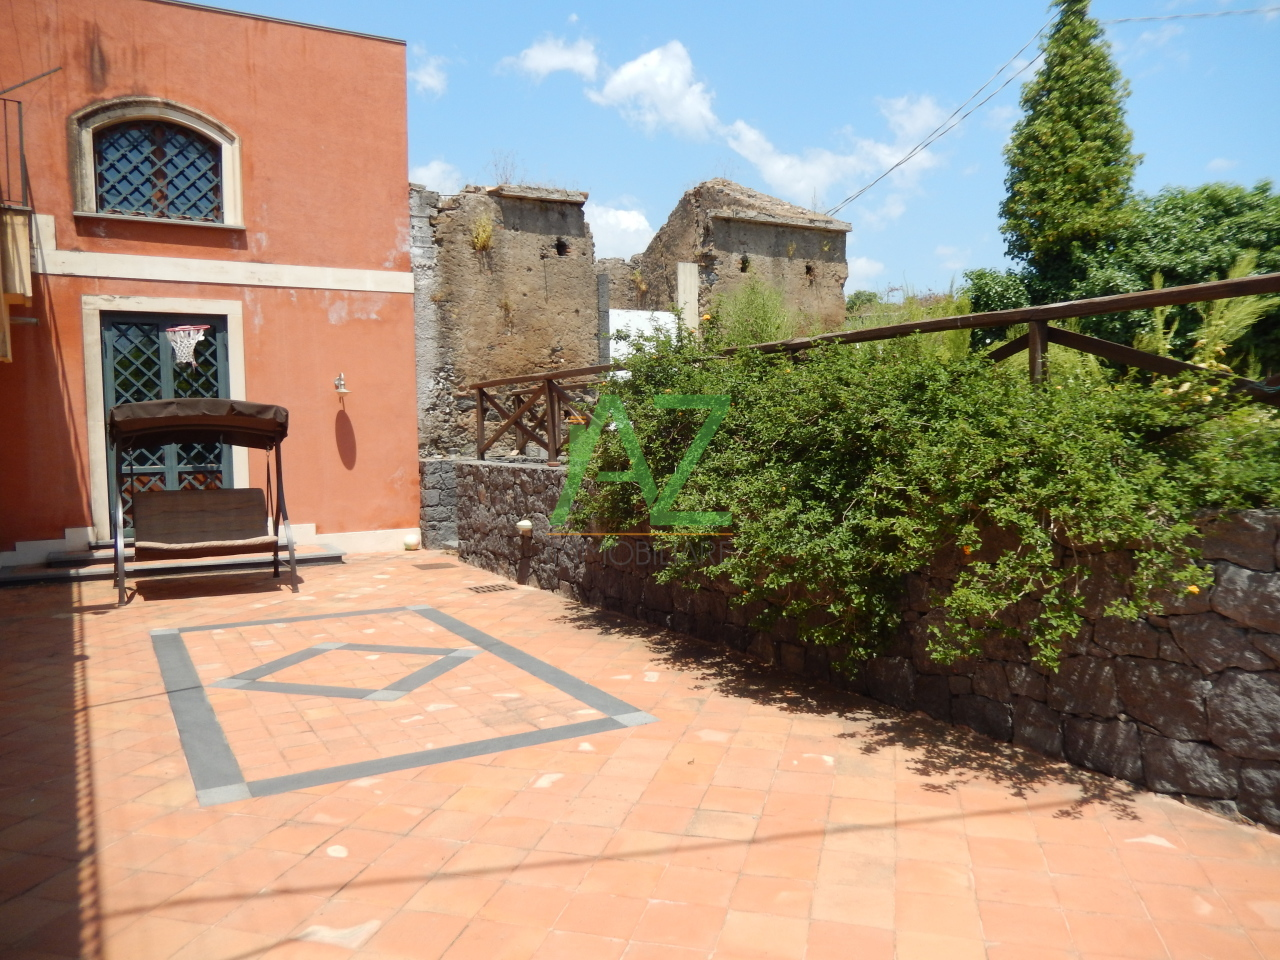 Rustico / Casale in vendita a Acireale, 7 locali, prezzo € 550.000 | Cambio Casa.it